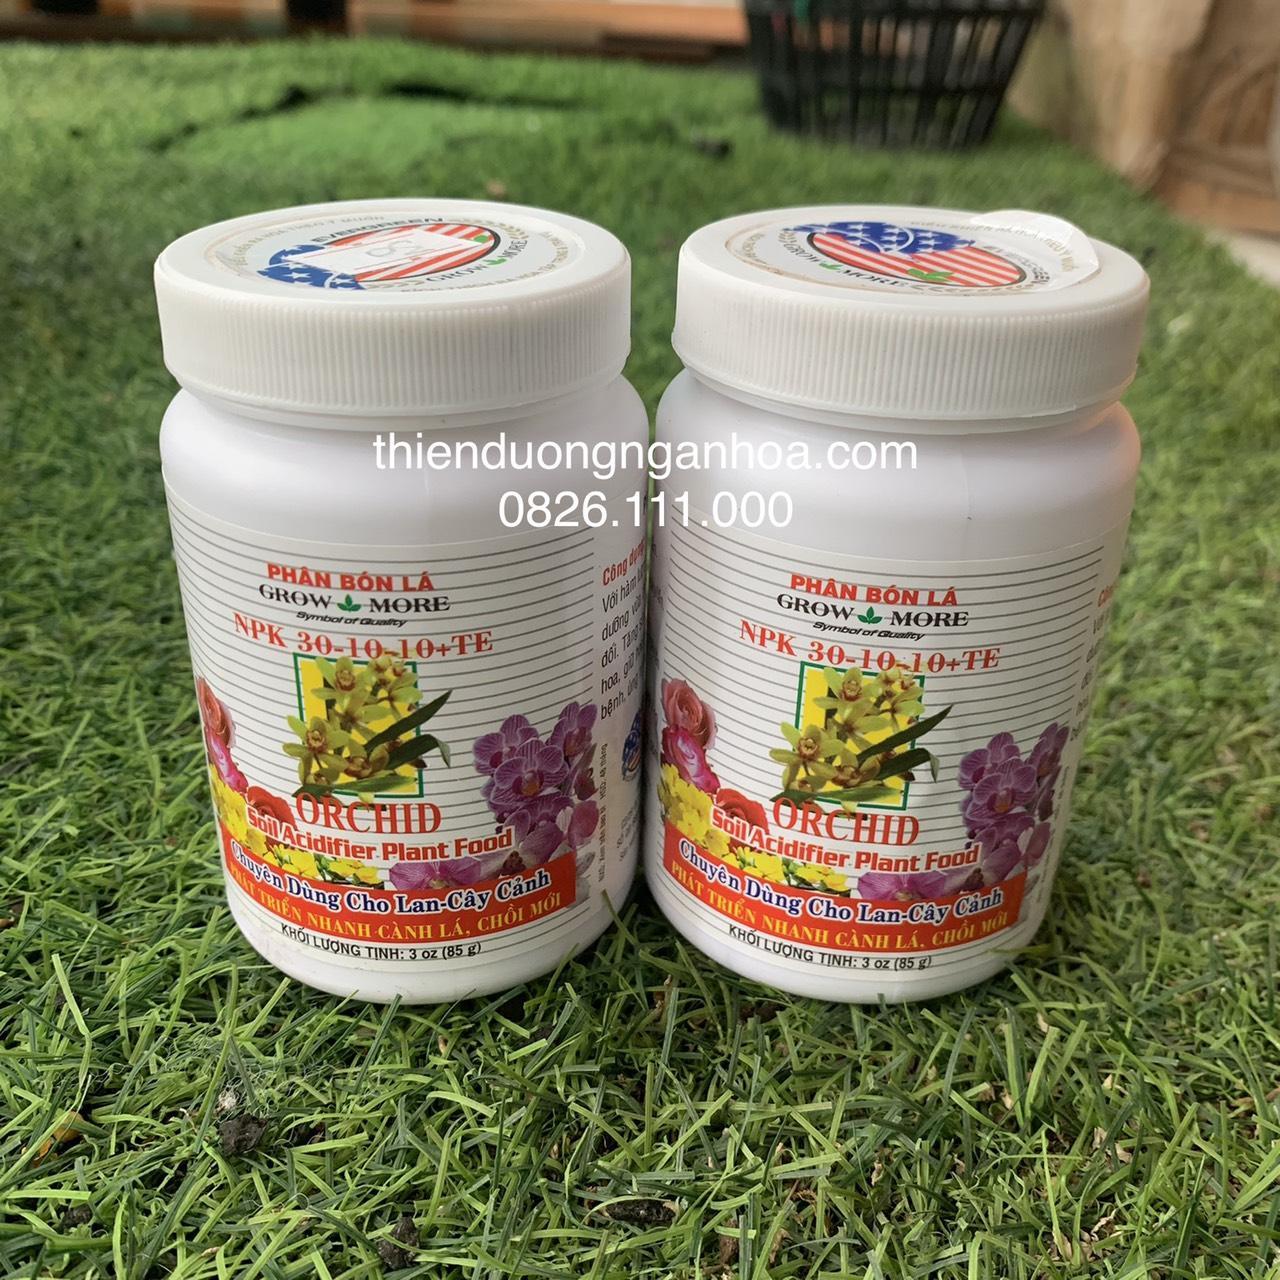 Bán phân bón NPK grow more 30-10-10 chuyên dành riêng cho hoa lan và cac loại cây cảnh